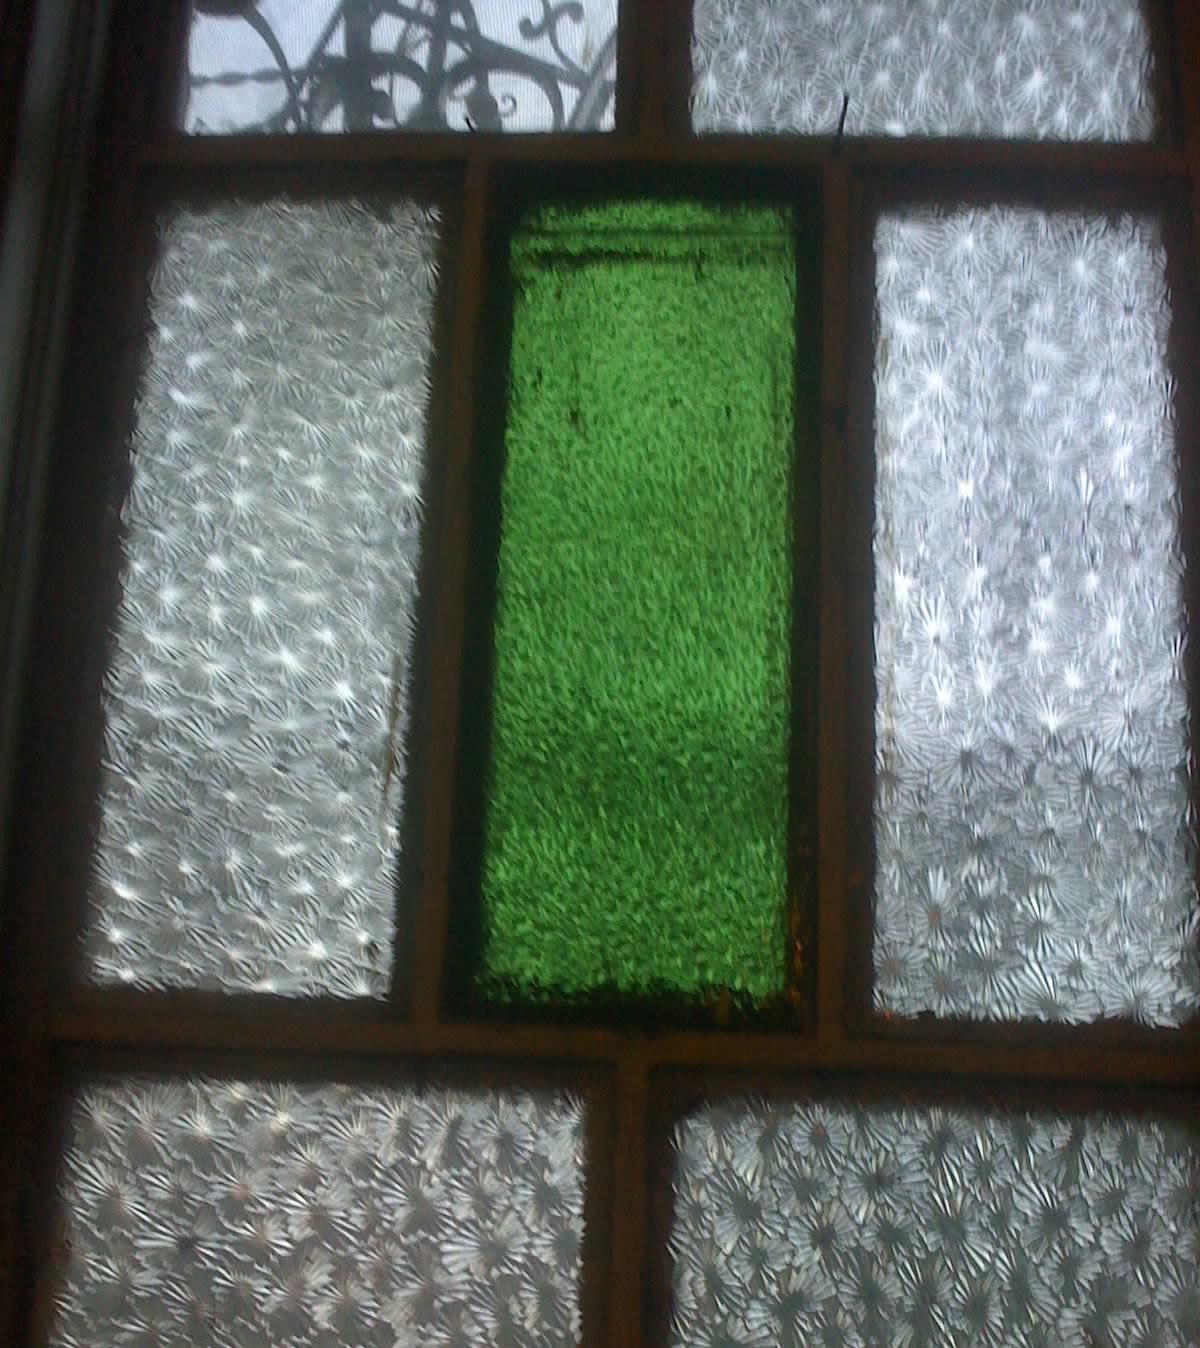 #3C7330 de vidros antigos em janelas bandeiras de janelas e portas olhos e  816 Limpeza De Vidros E Janelas